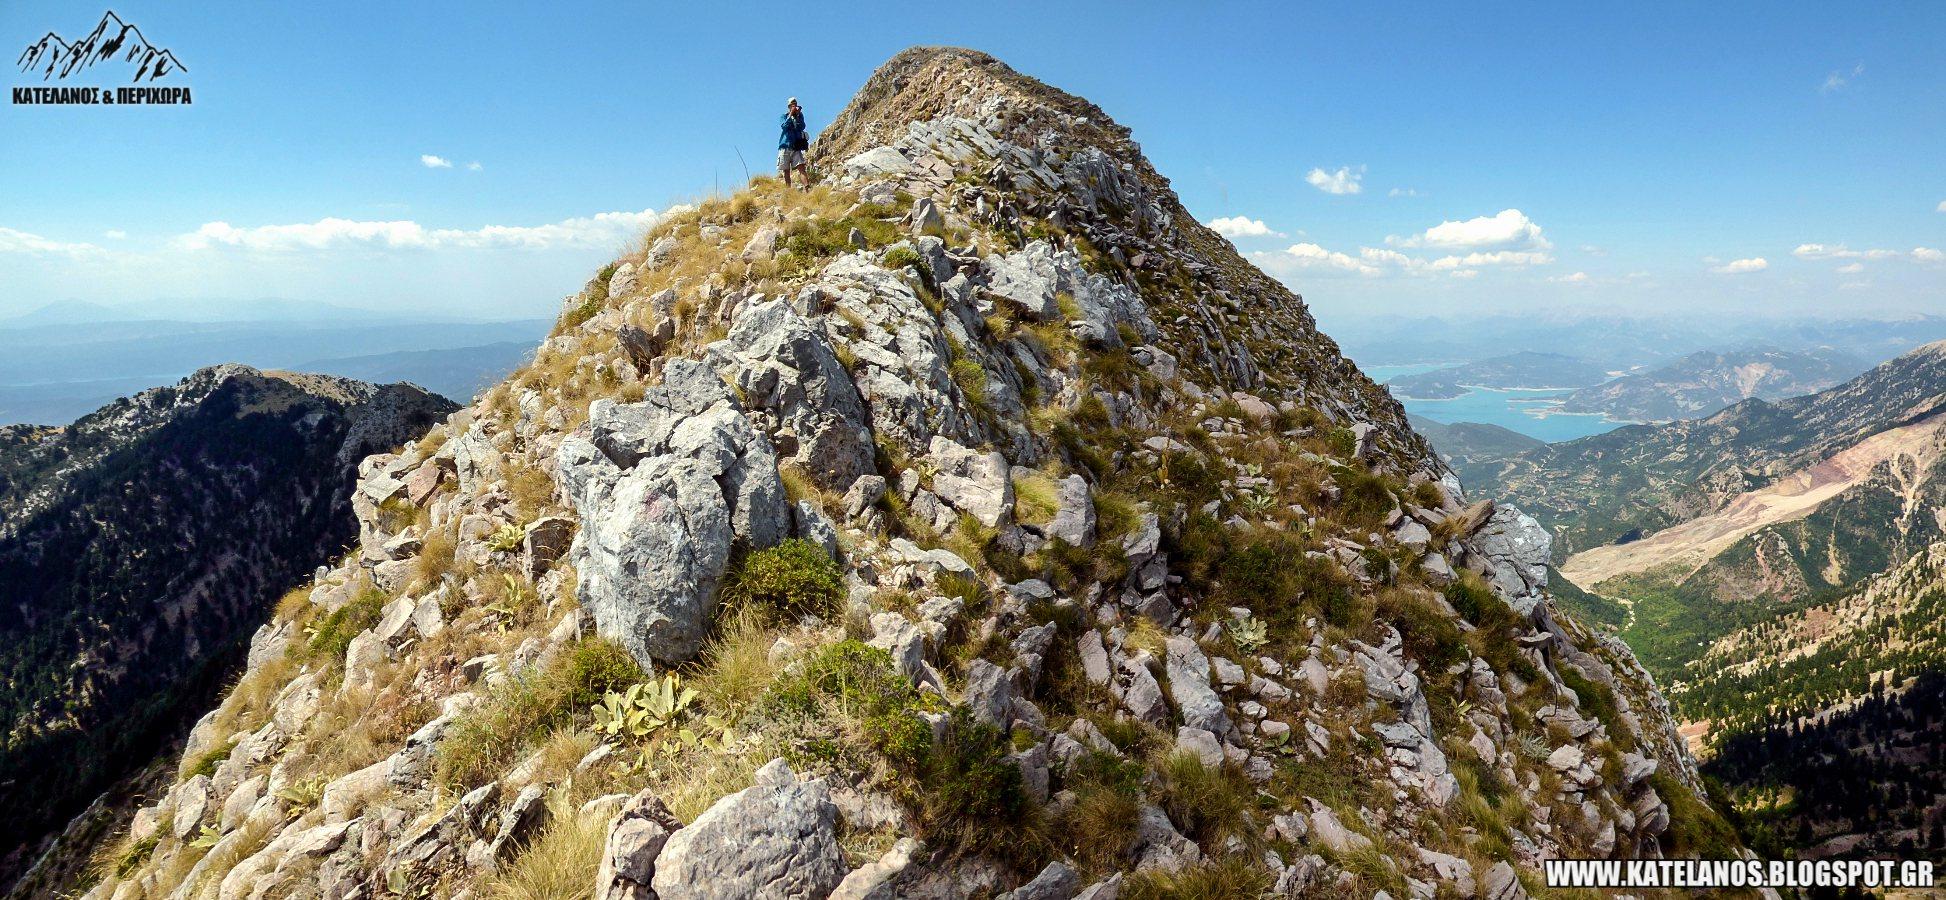 κατελανος και περιχωρα katelanos blogspot αναβαση κουτπας